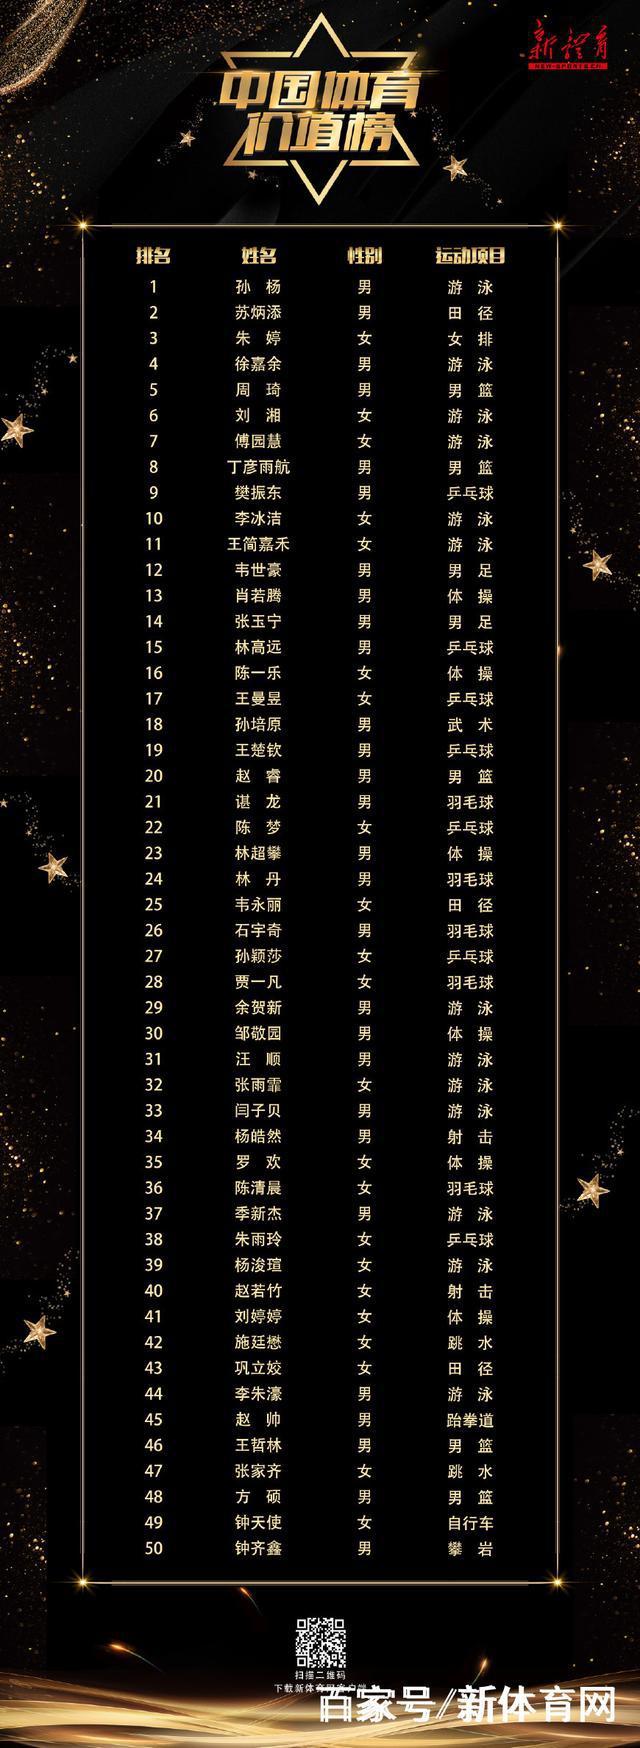 亚运会中国运动员影响力榜出炉 孙杨居首刘湘第6